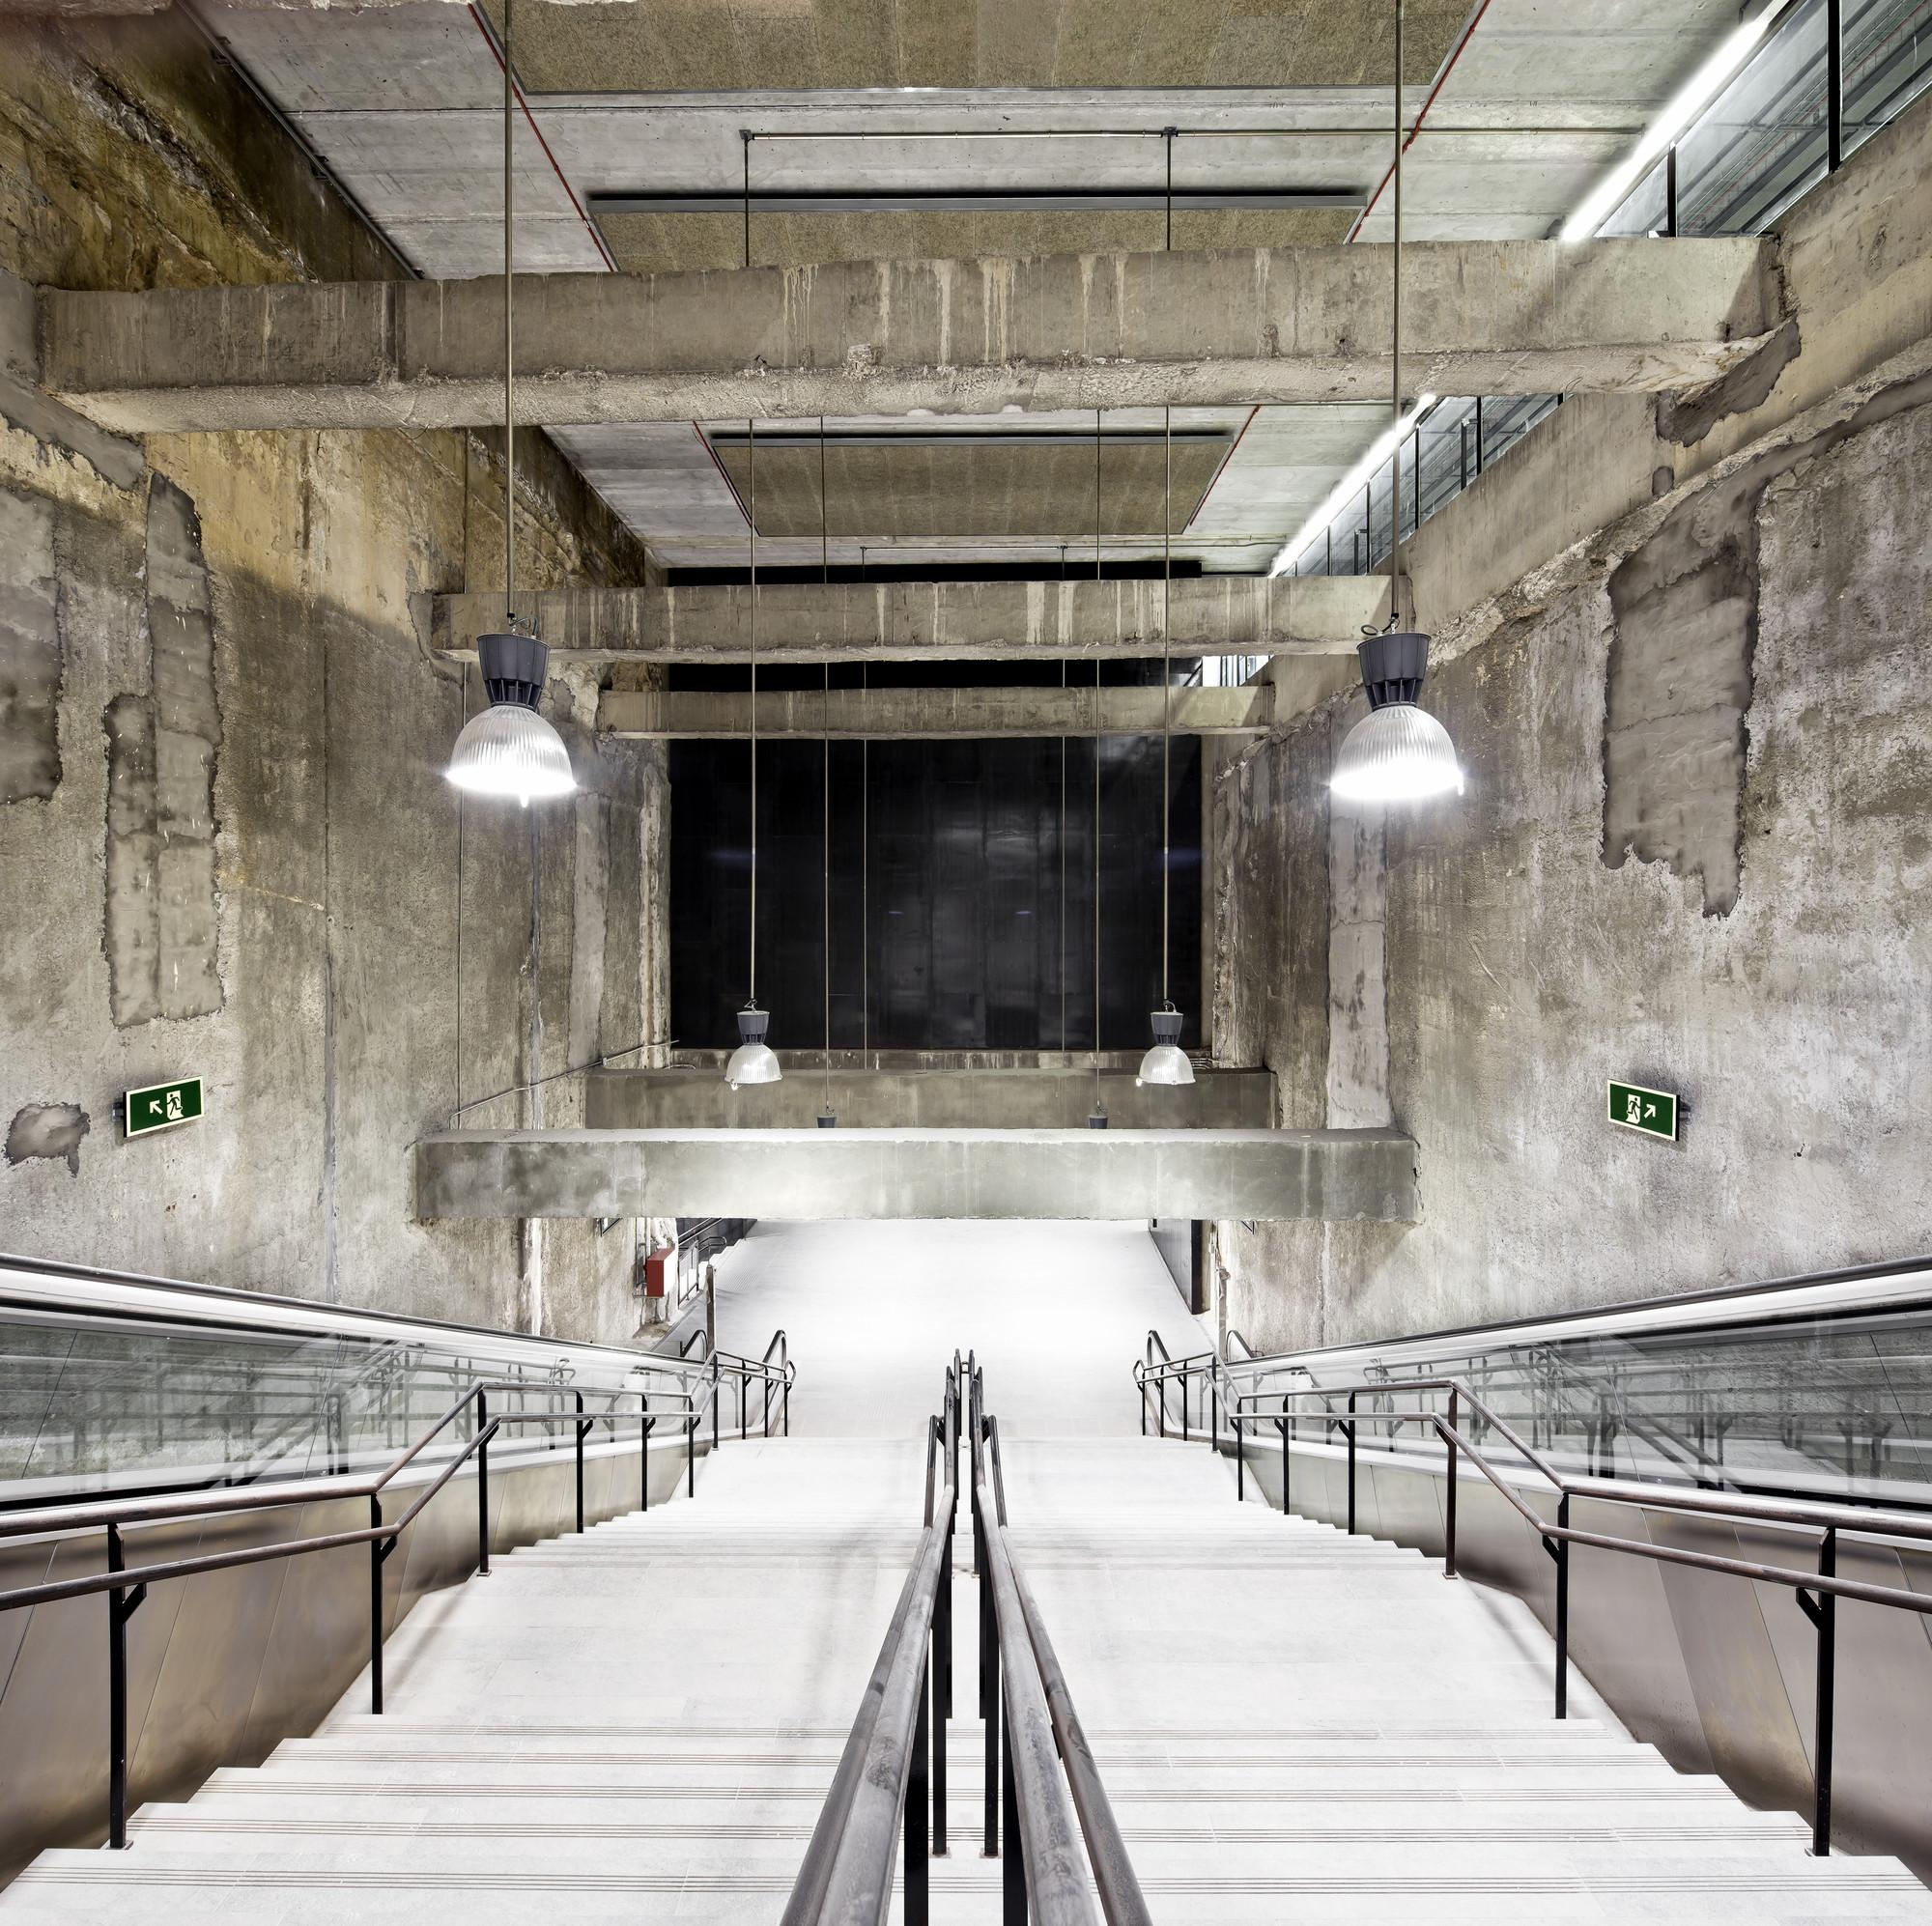 Estaciones De Metro Amadeu Torner, Parc Logístic y Mercabarna Línea 9, Barcelona / Jordi Garcés